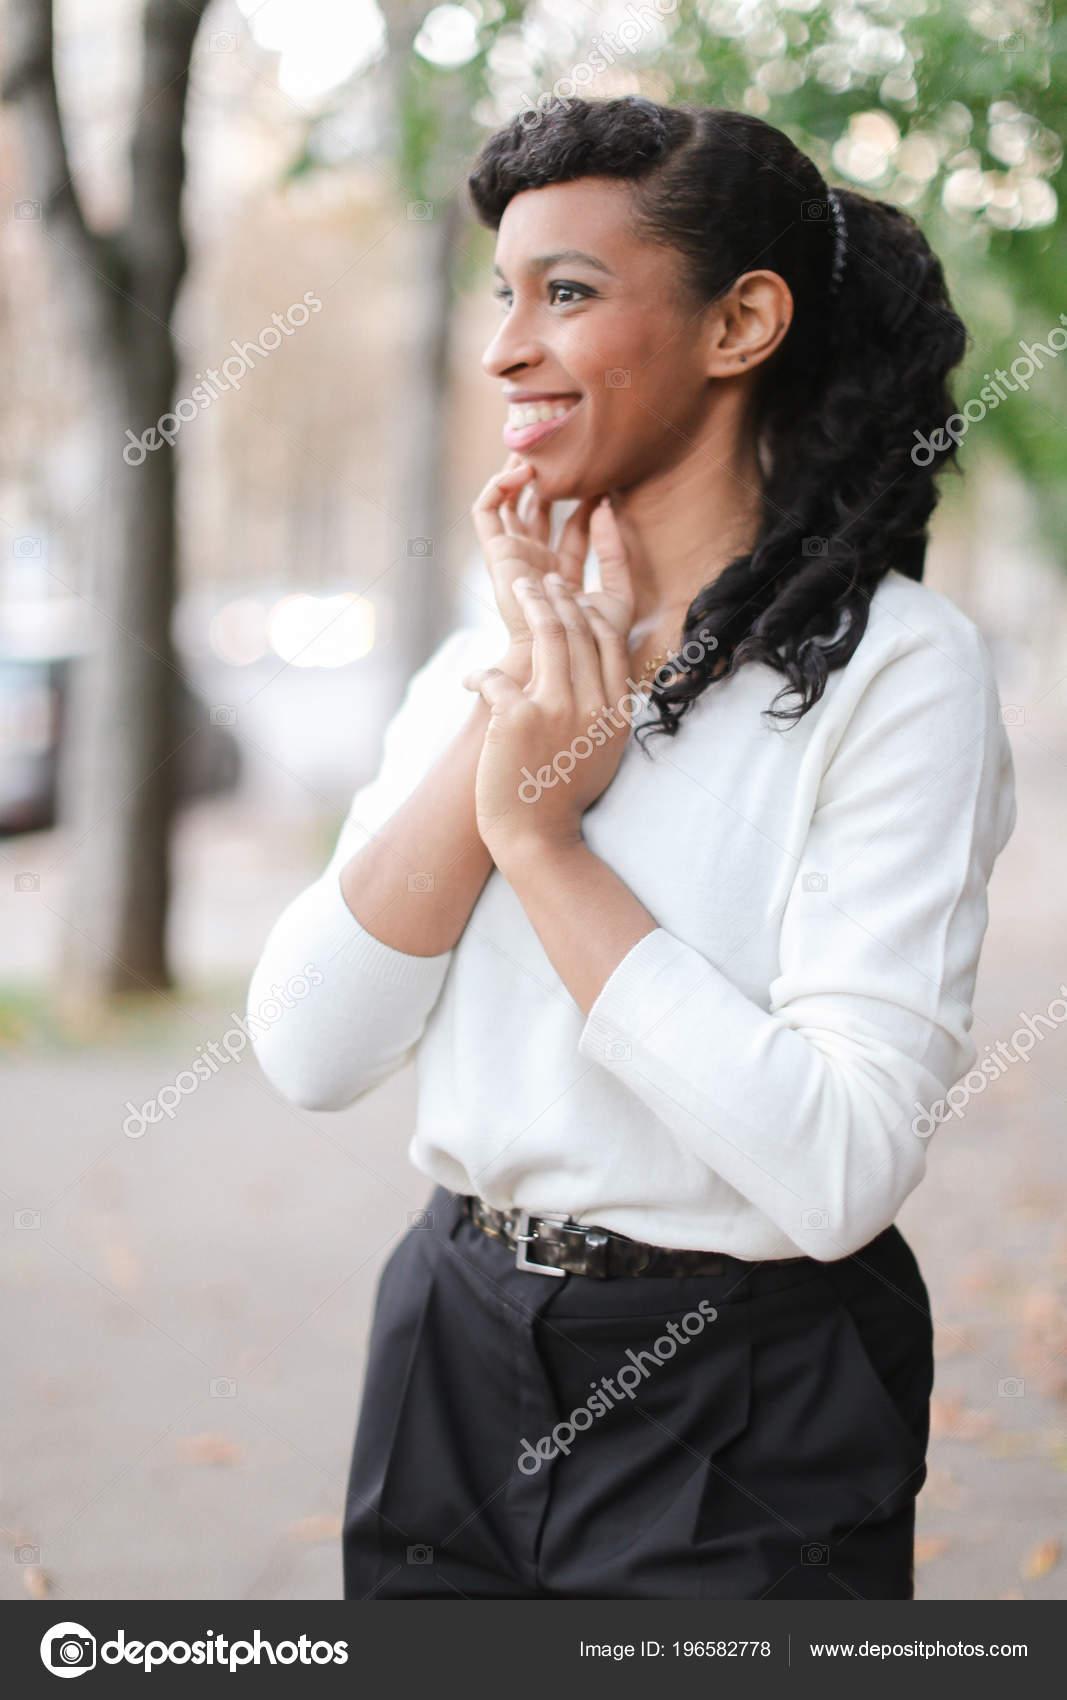 černá dívka pic